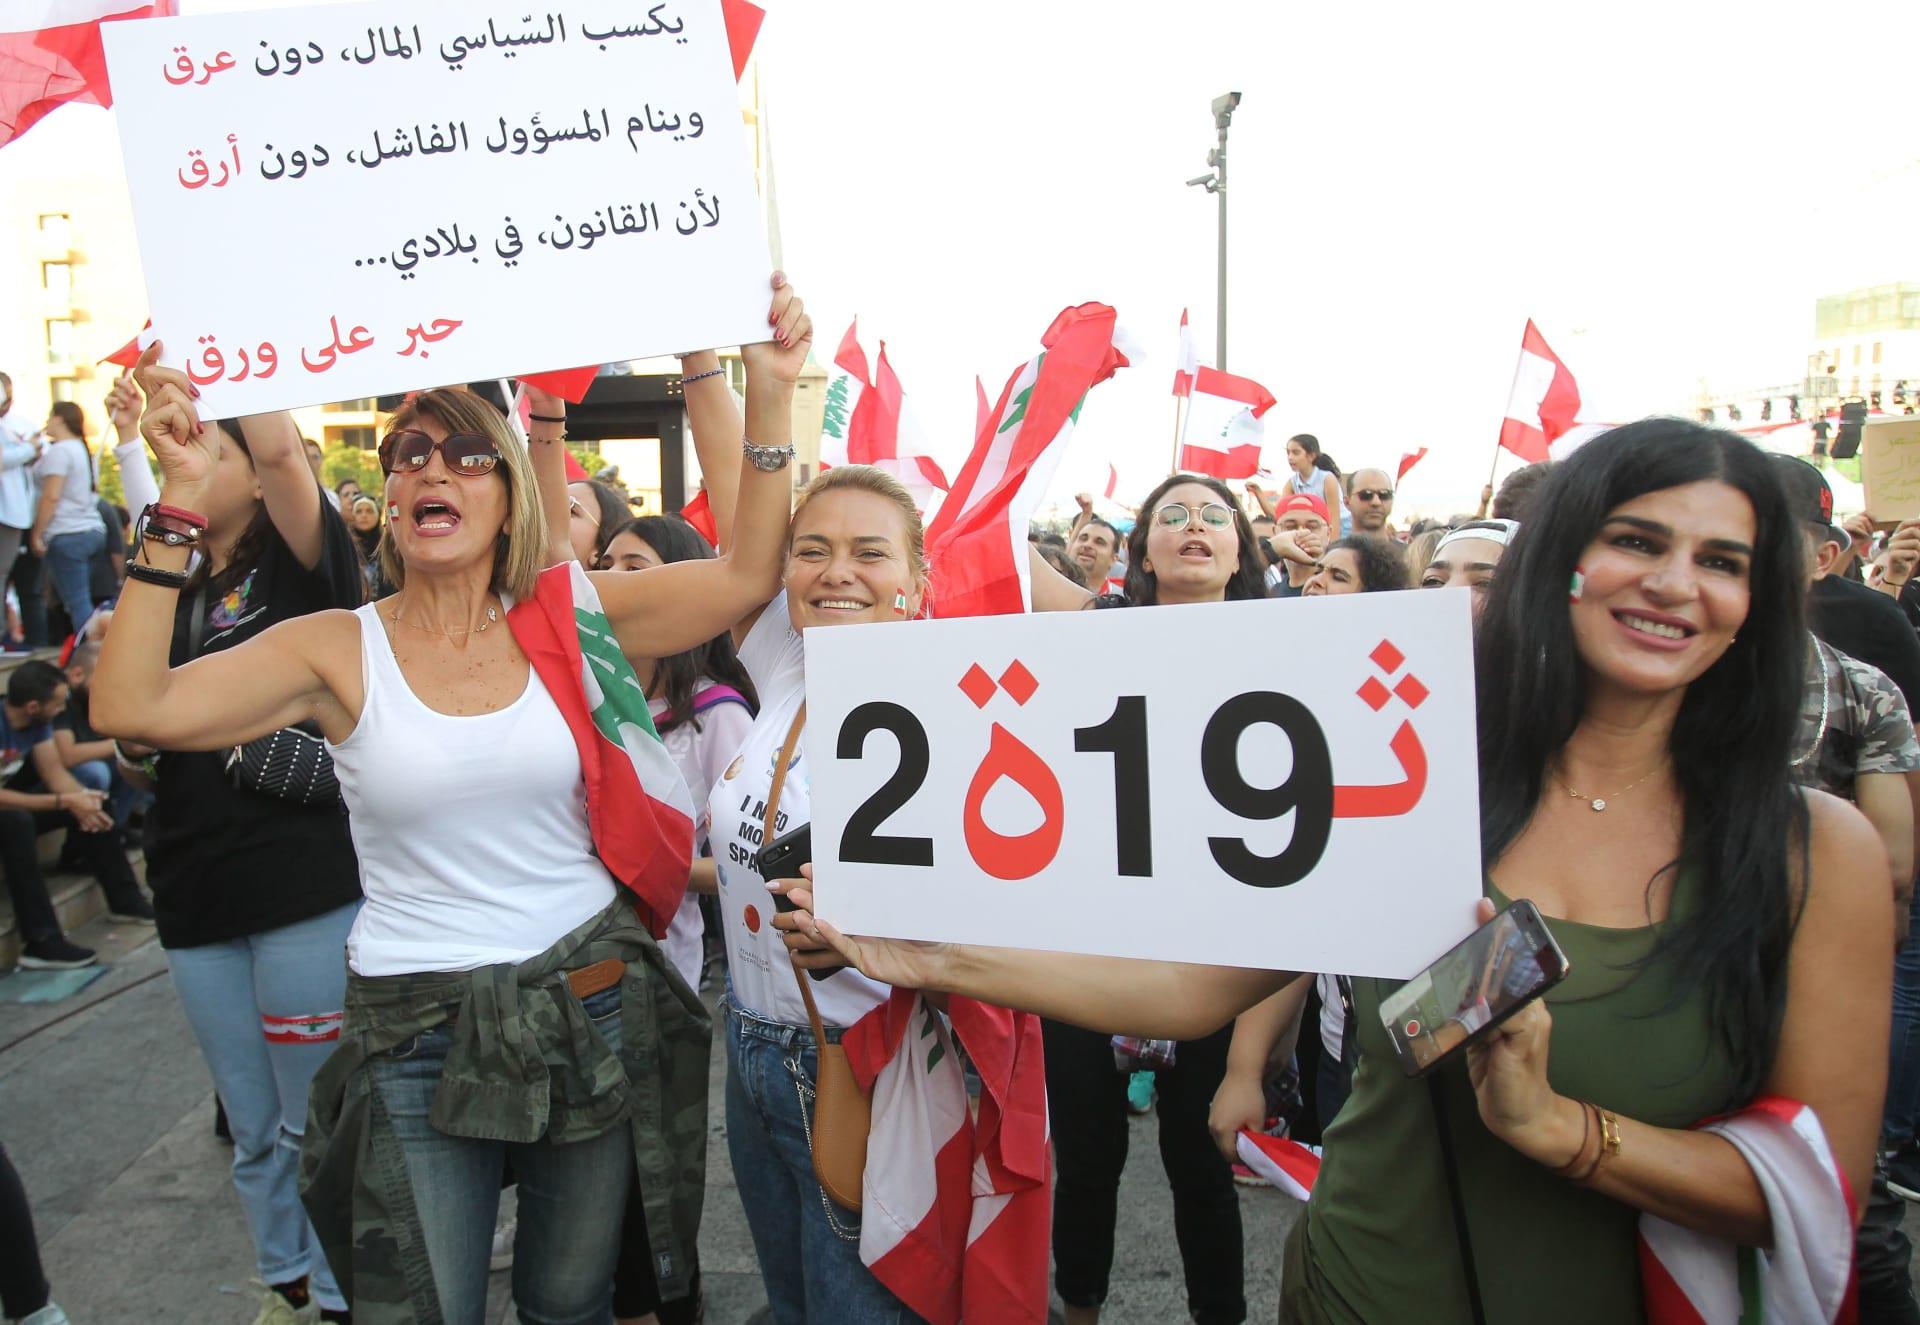 """بشار جرار يكتب: على قادة لبنان ألا يقامروا بالخلط بين """"خريف الغضب"""" و""""الربيع العربي"""""""